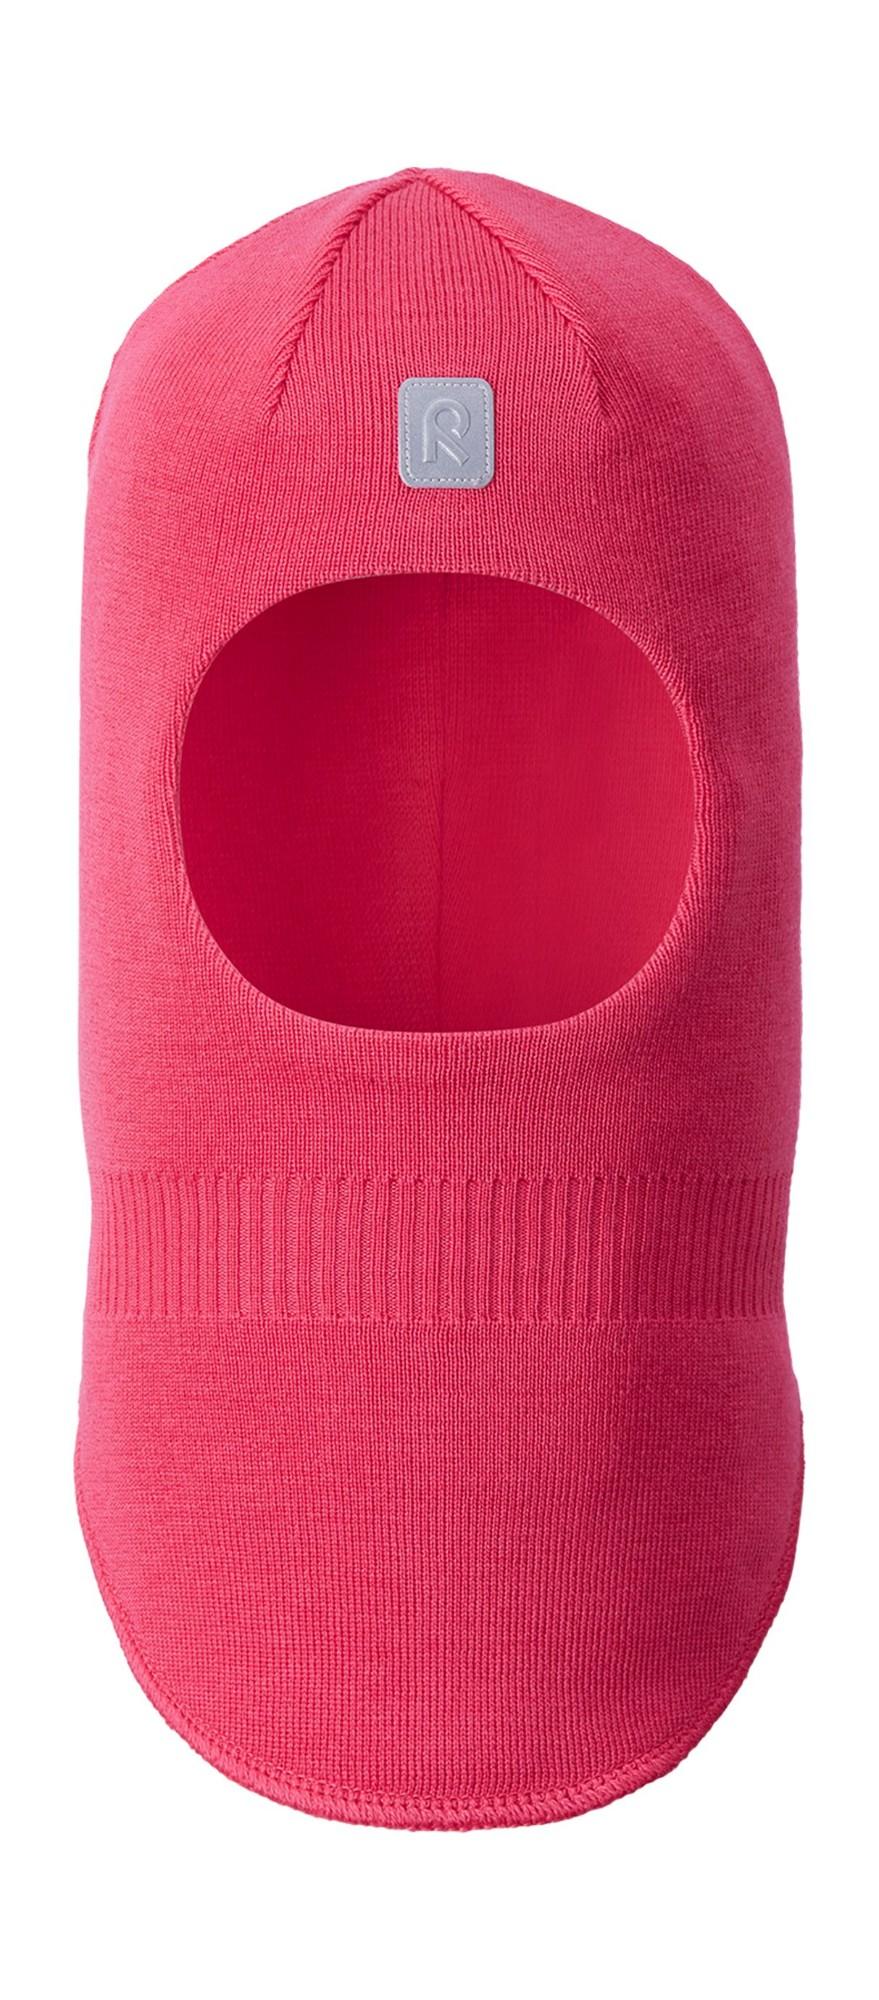 REIMA Starrie 518526 Azalea Pink 50